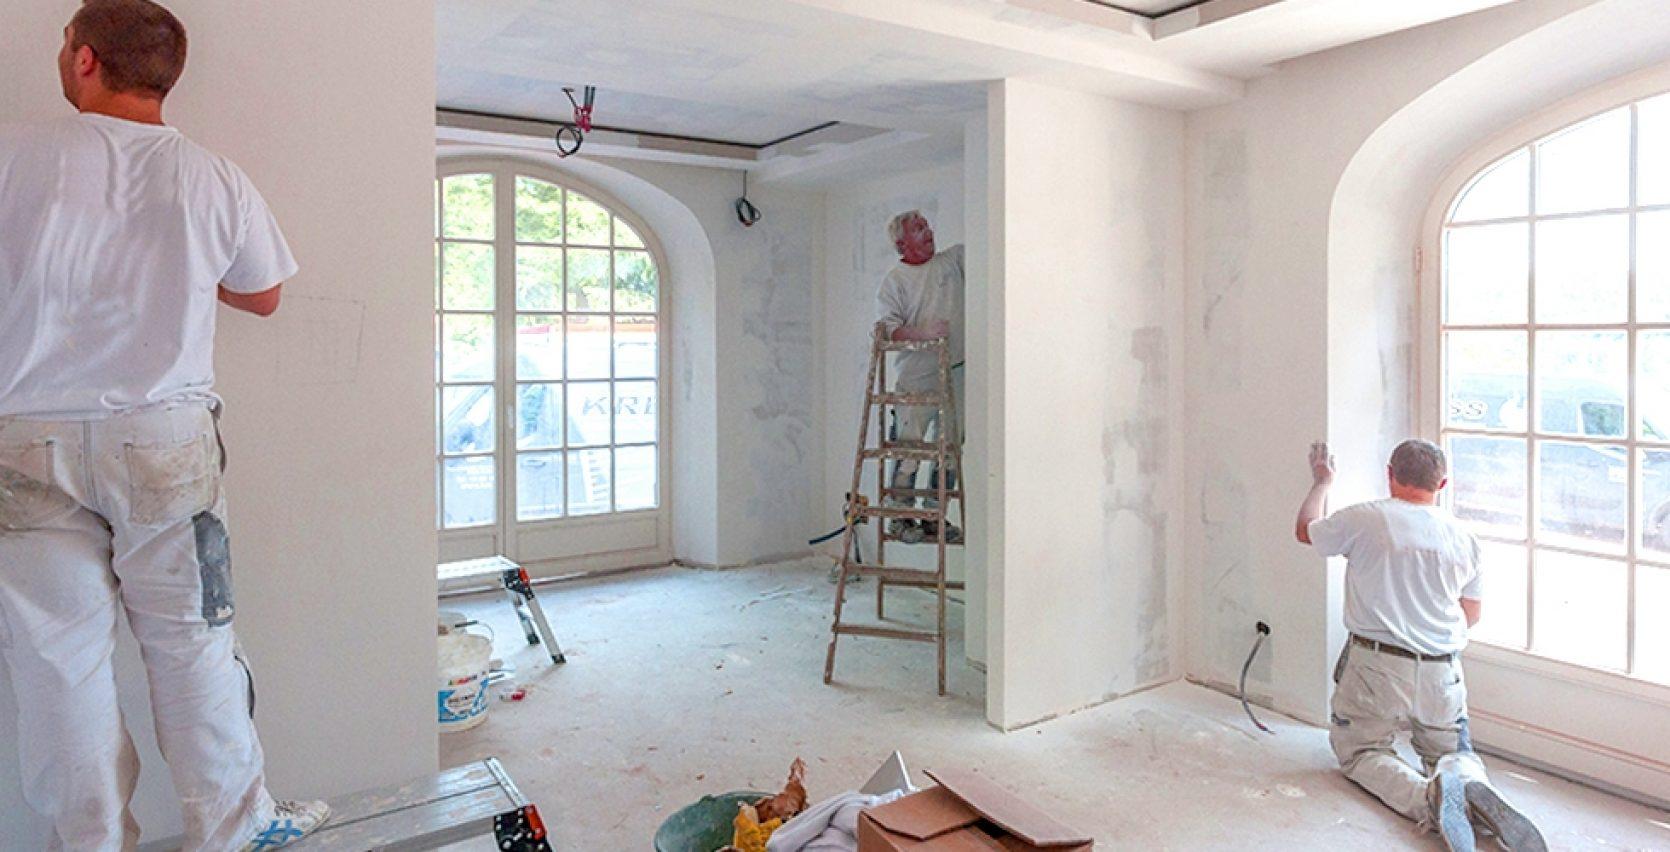 Profesjonelle malere pusser opp bolig